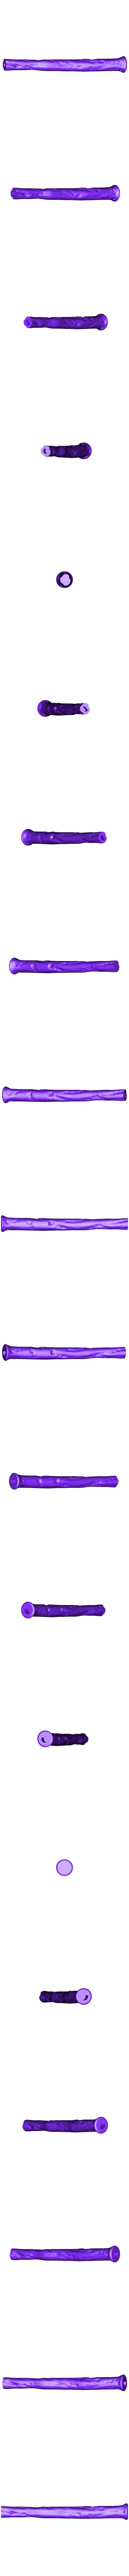 Fleur2.STL Télécharger fichier STL gratuit Baguette Fleur Delacour • Objet imprimable en 3D, Absolute3D